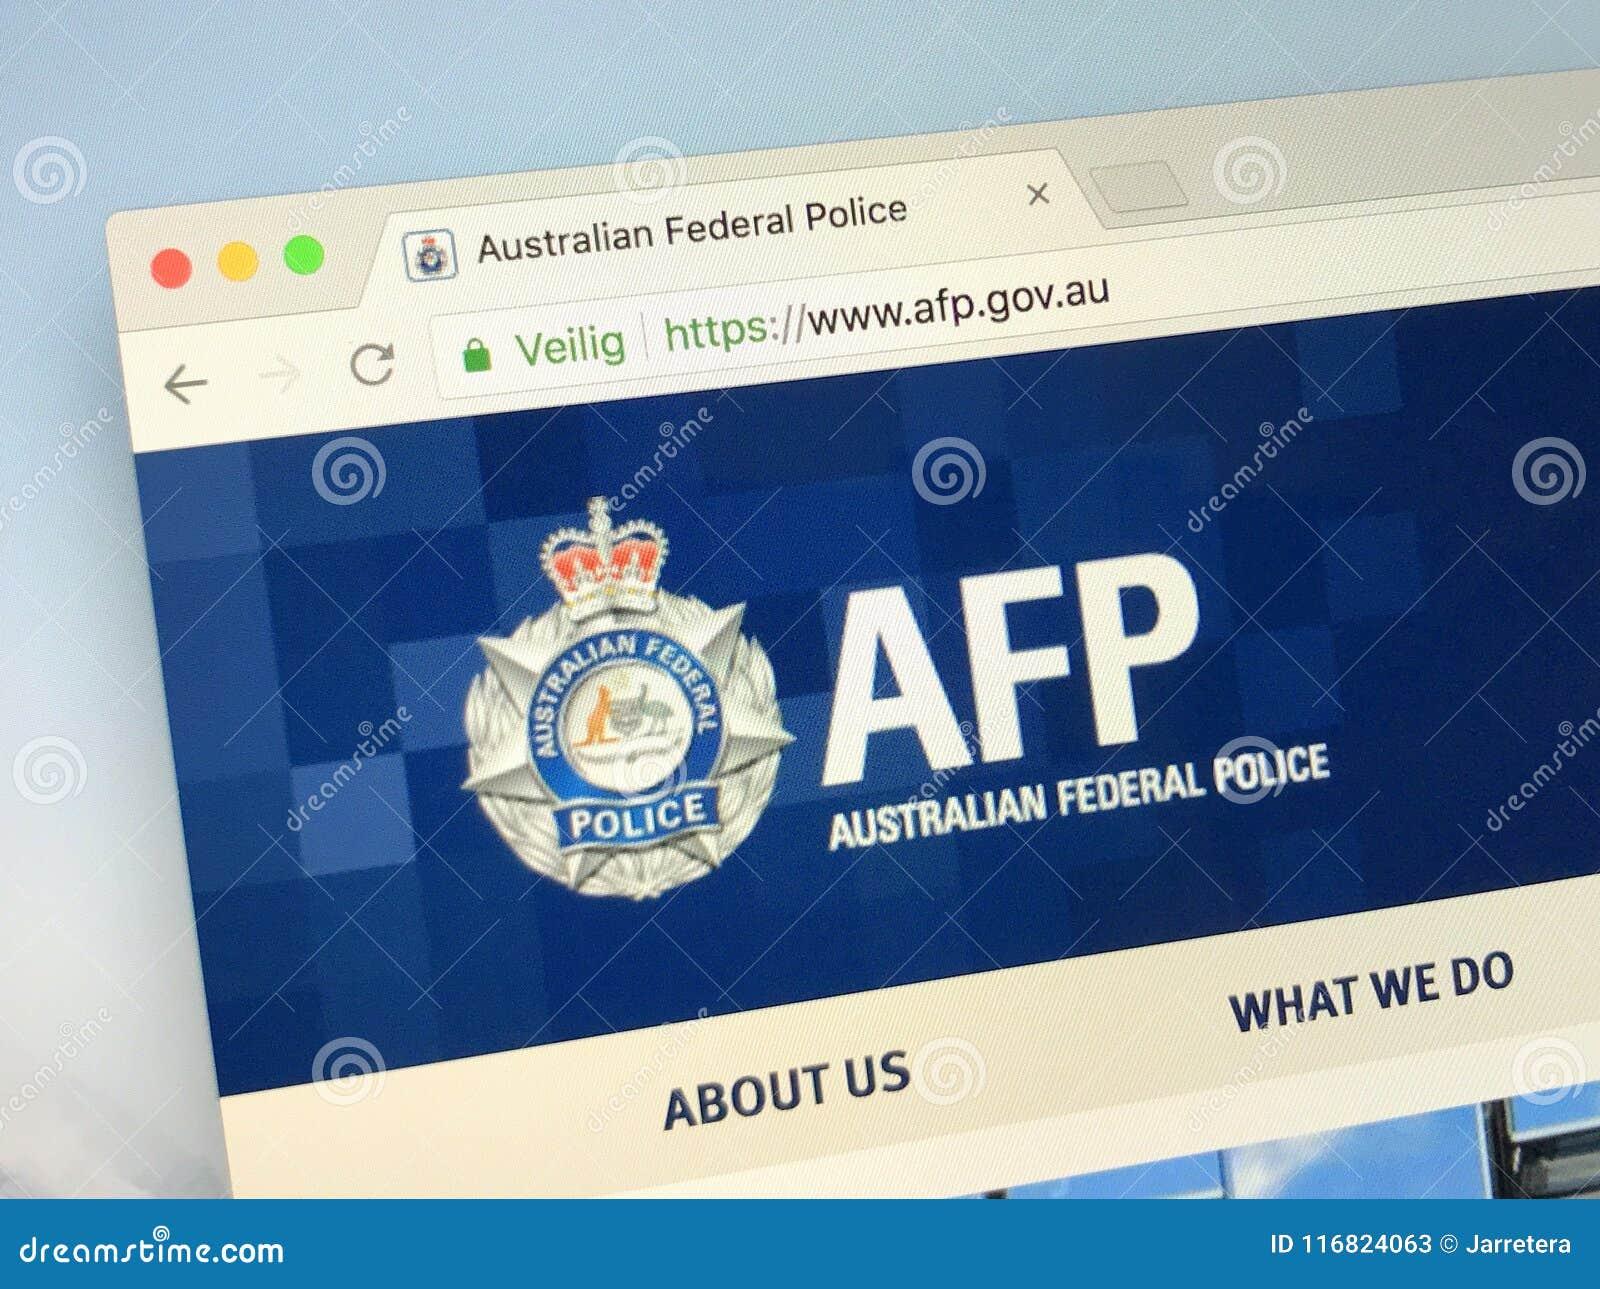 Free hookup websites for law enforcement